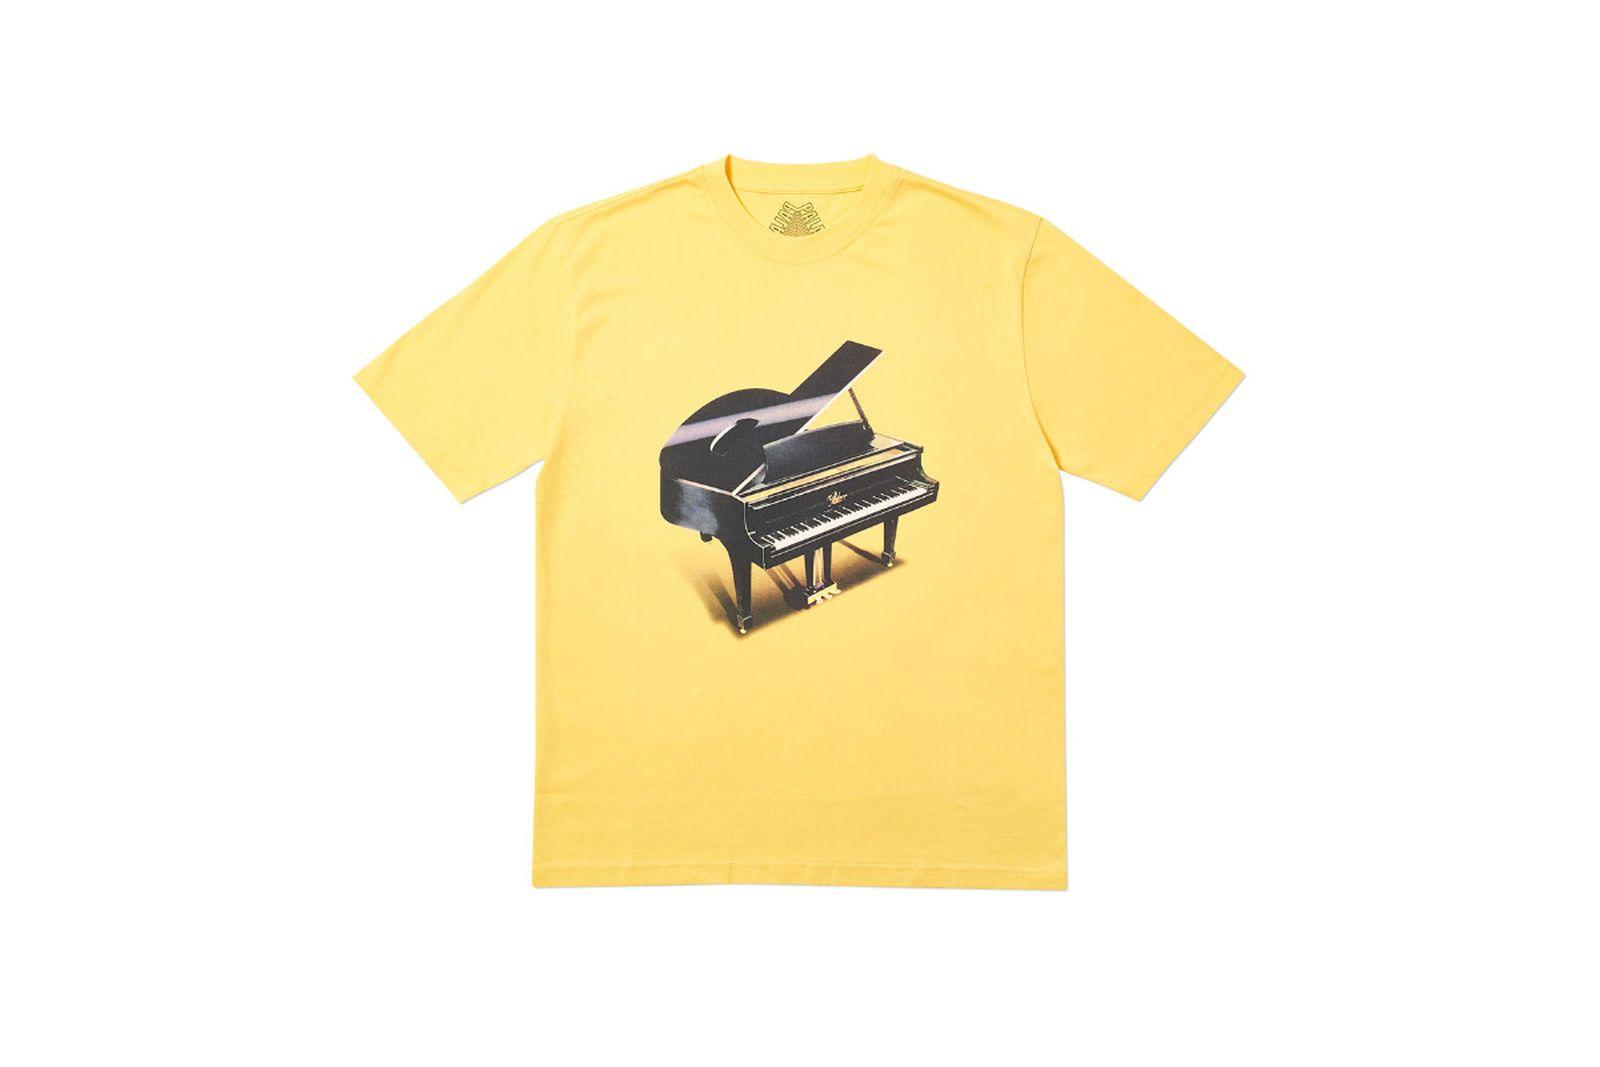 Palace 2019 Autumn T Shirt Grand yellow